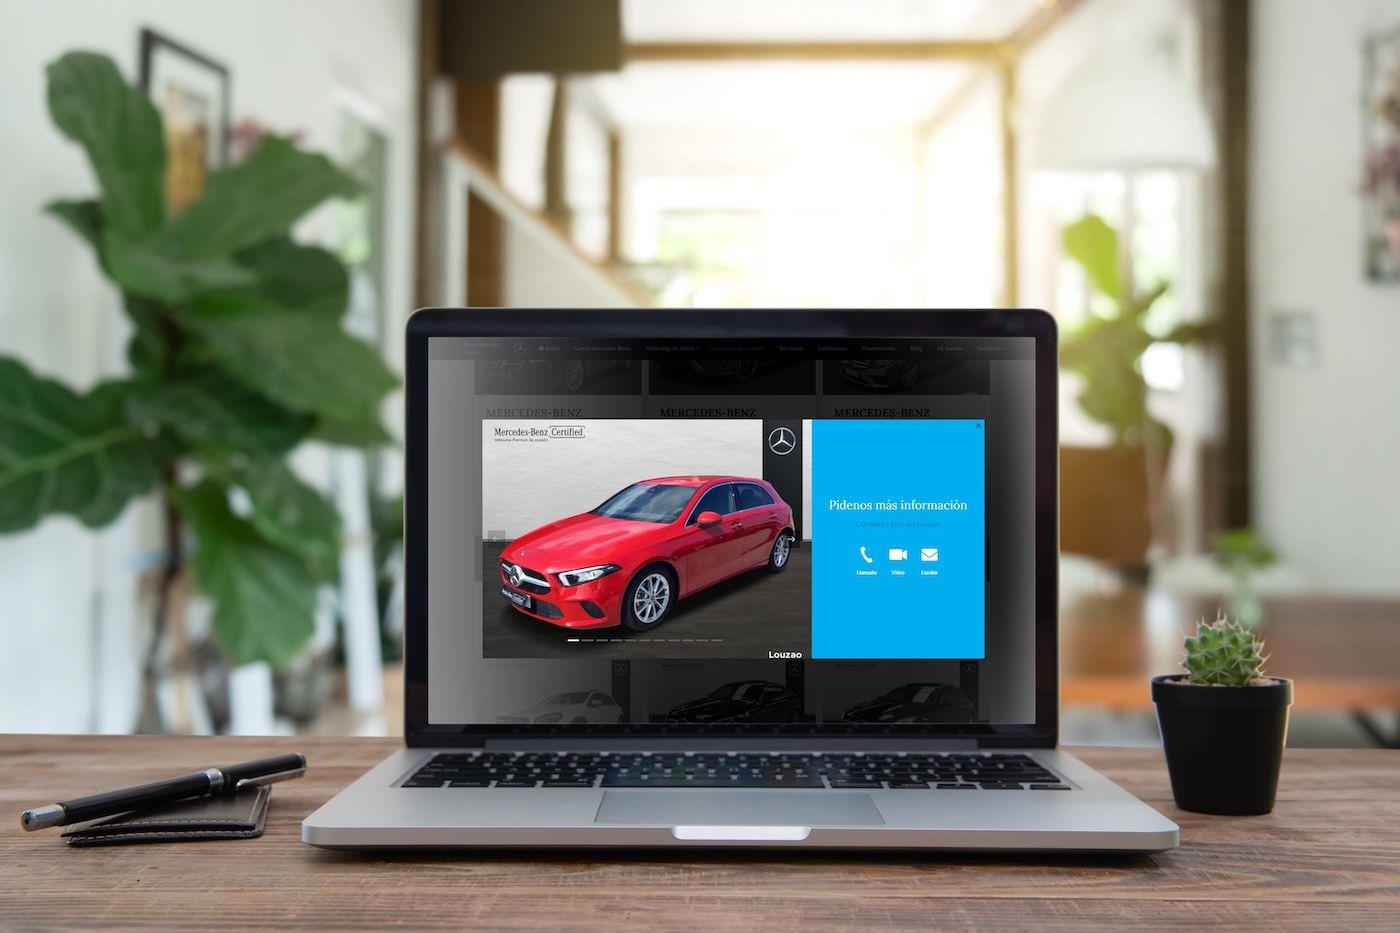 El primer e-commerce que permite la compra de vehículos 100% online.